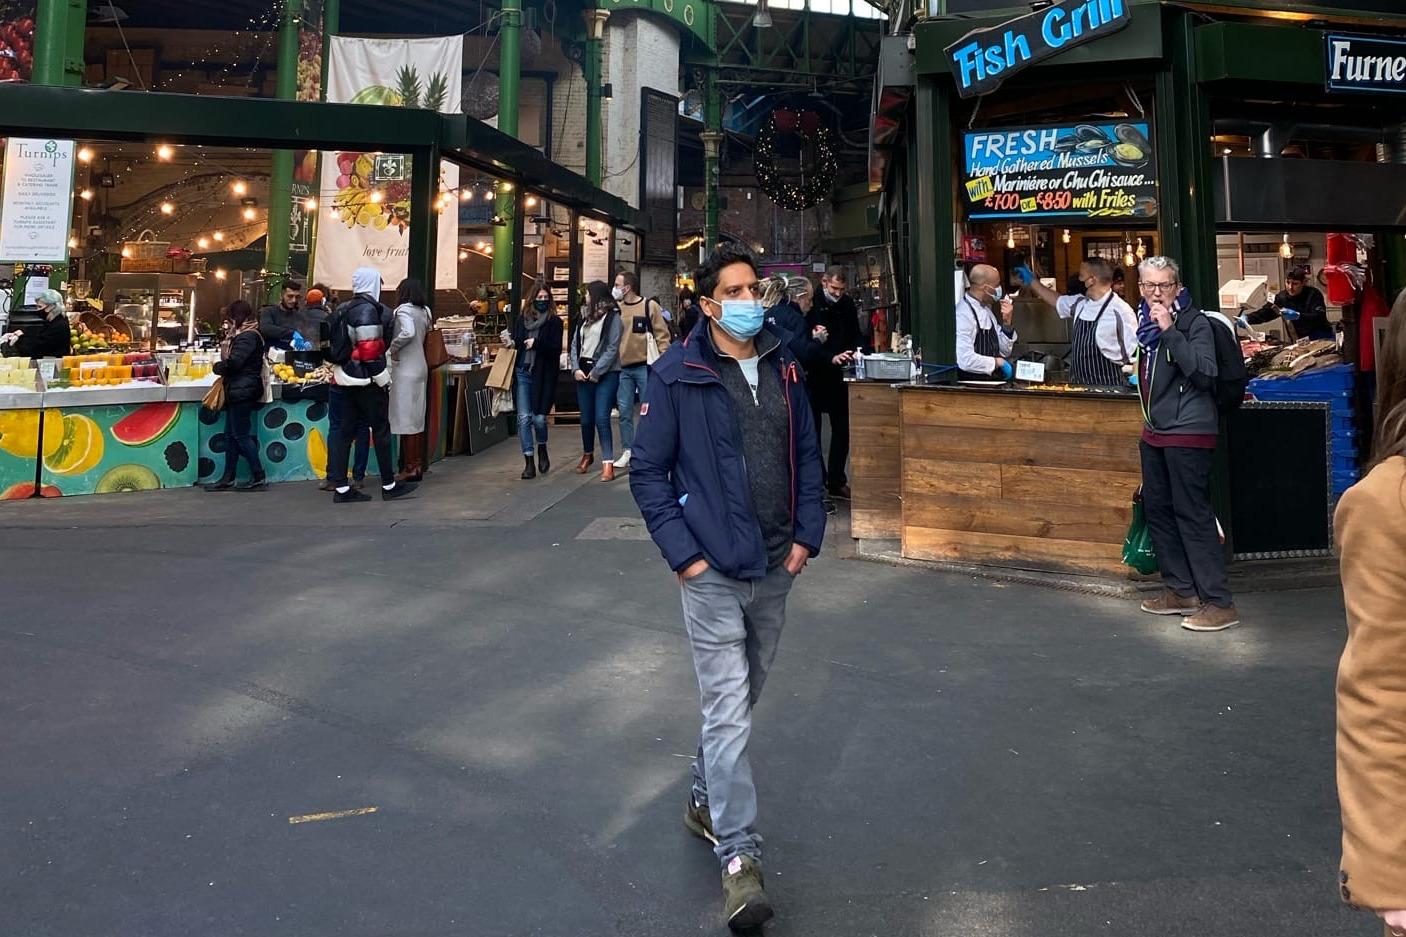 Знаменитый рынок Borough Market открыт, но здесь непривычно мало людей